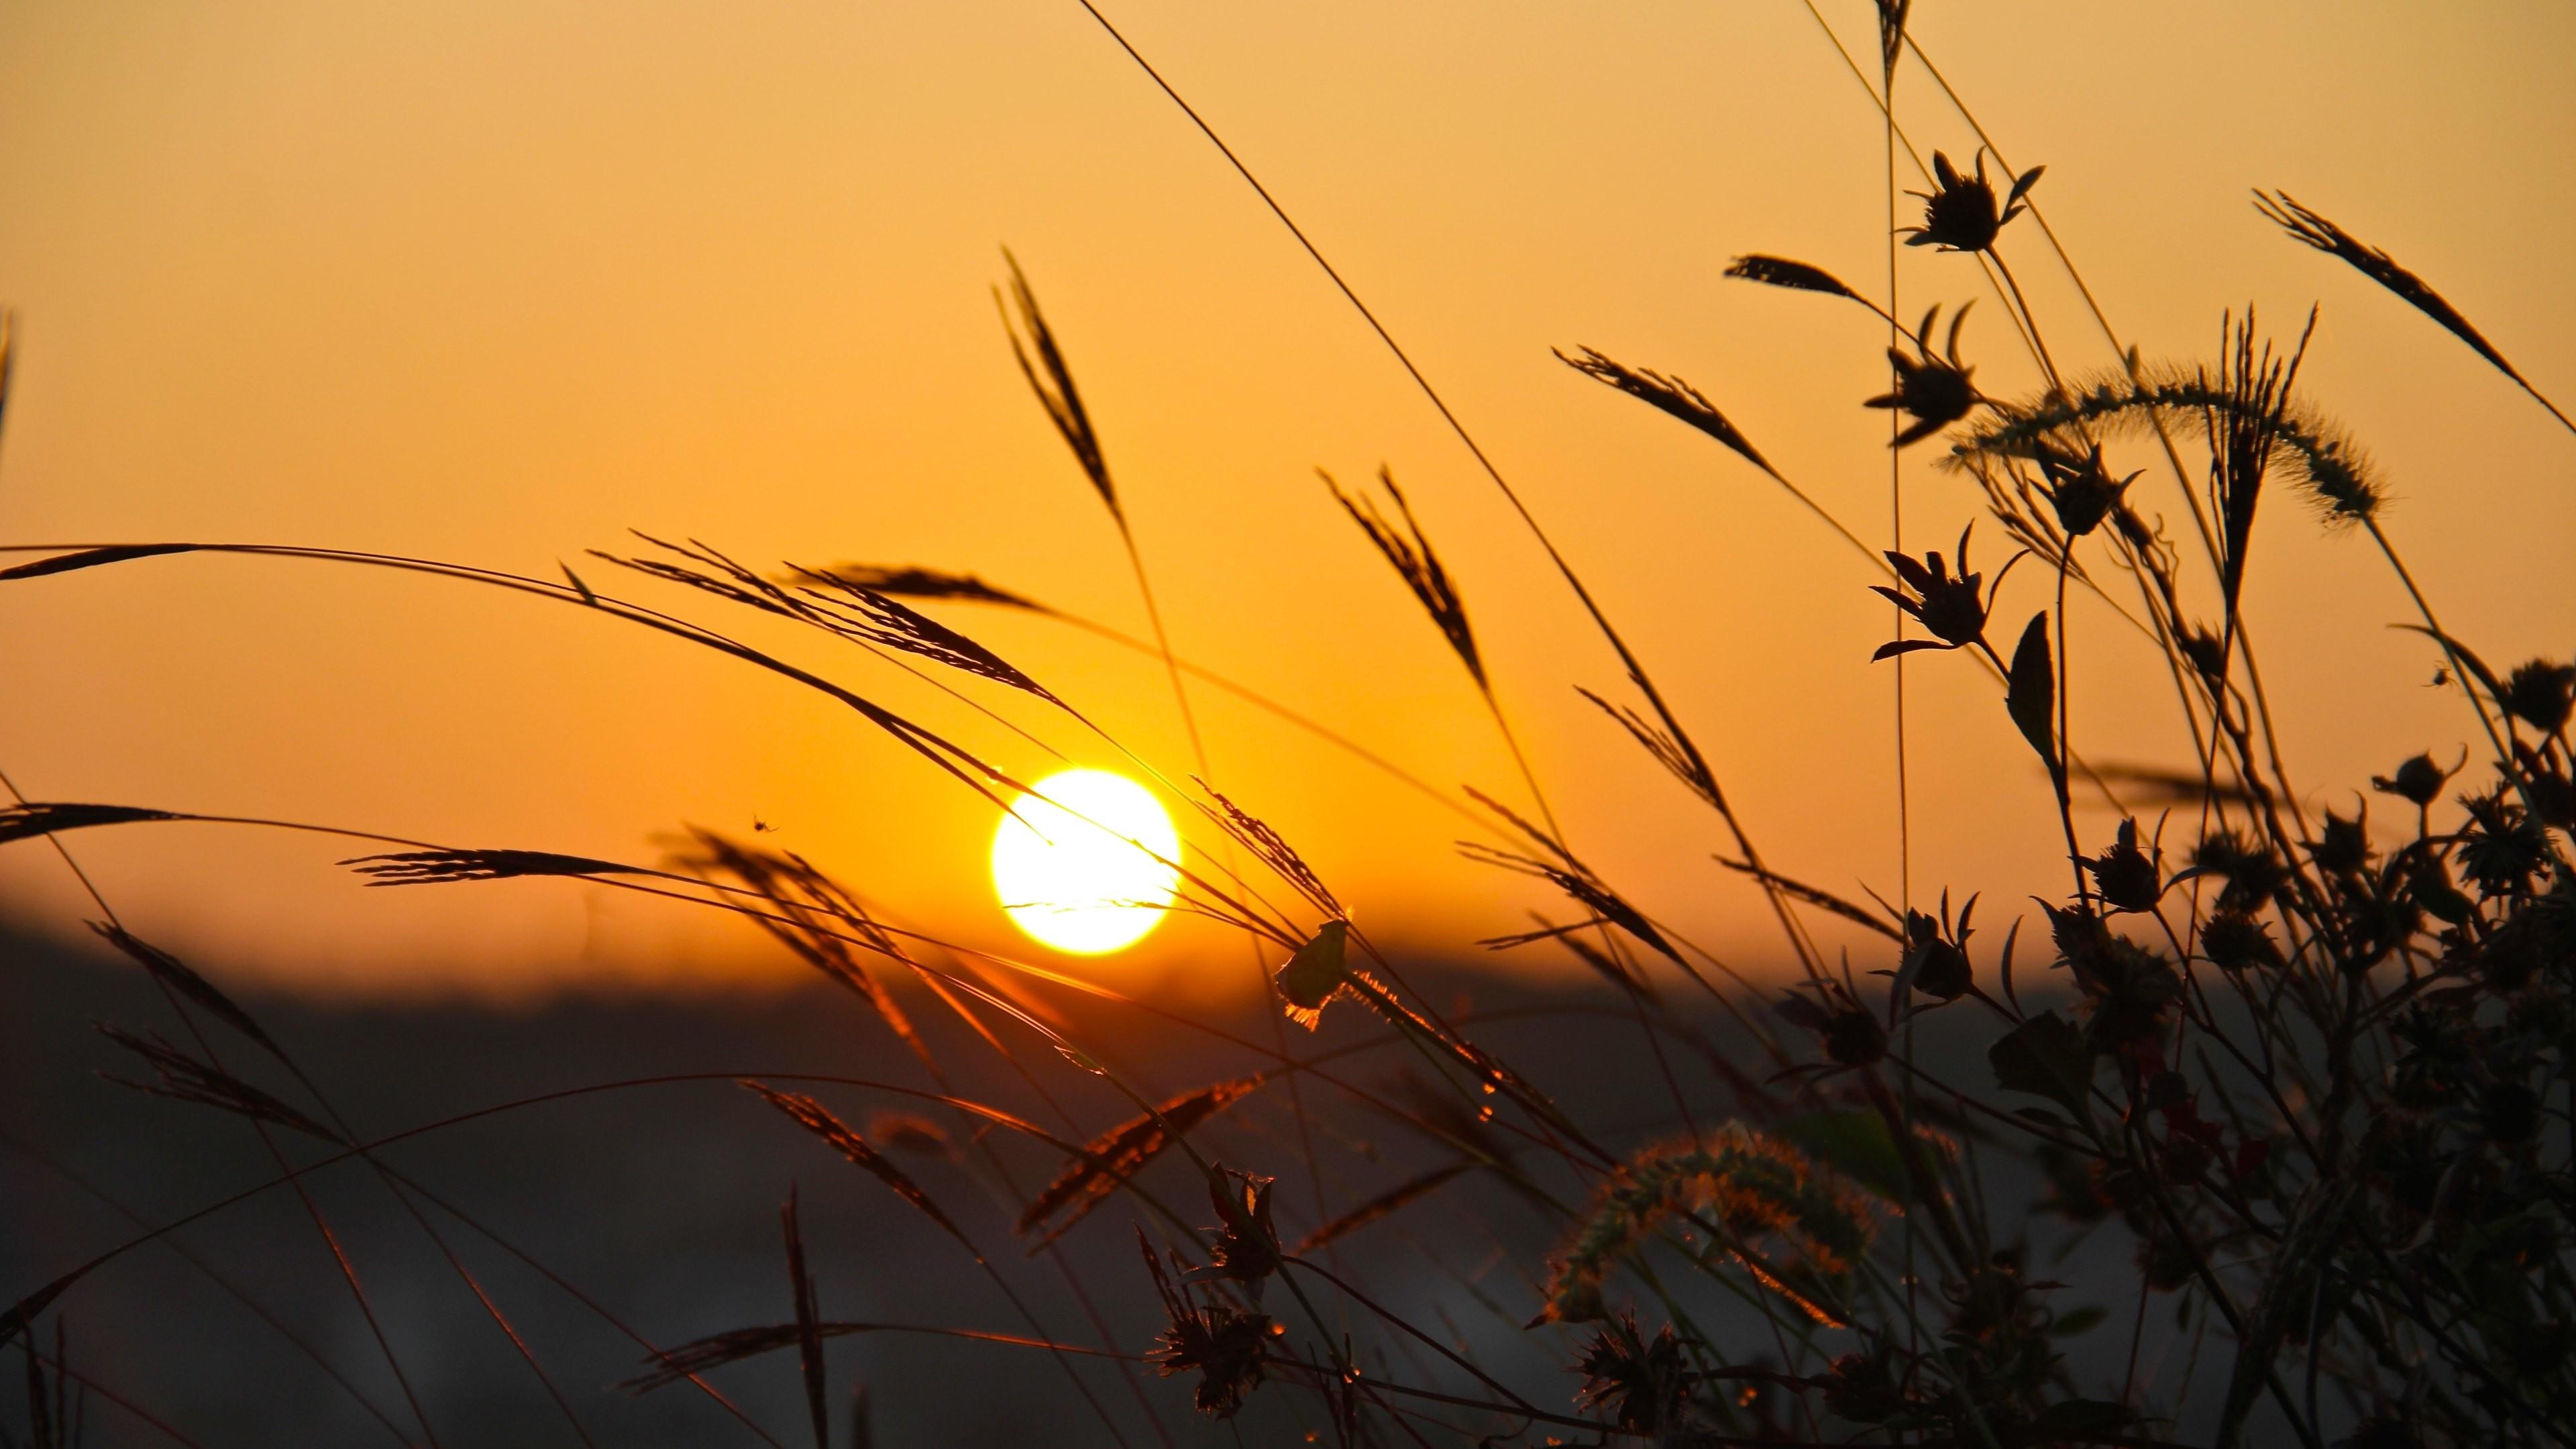 Wallpaper: Hot Sunset. Grass. Summer. Ultra HD 4K 3840×2160